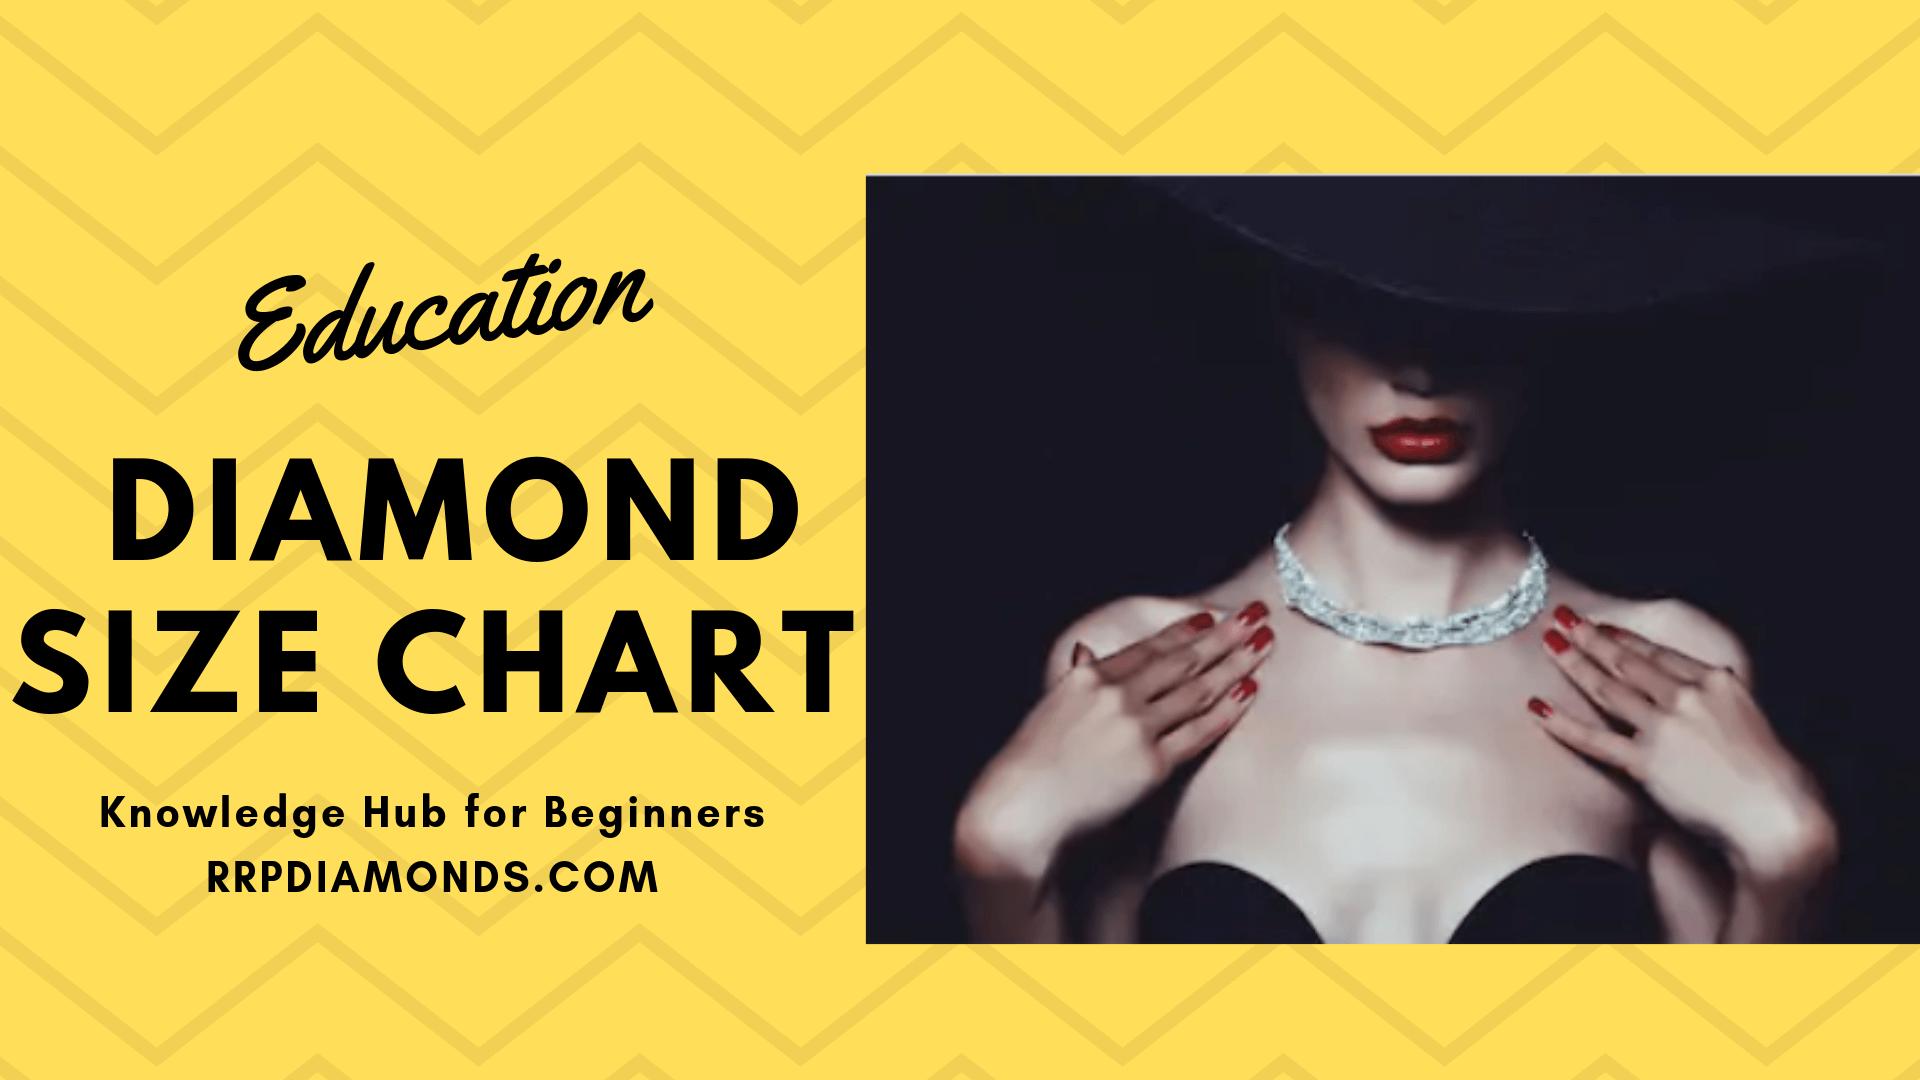 diamond size chart by rrp diamond